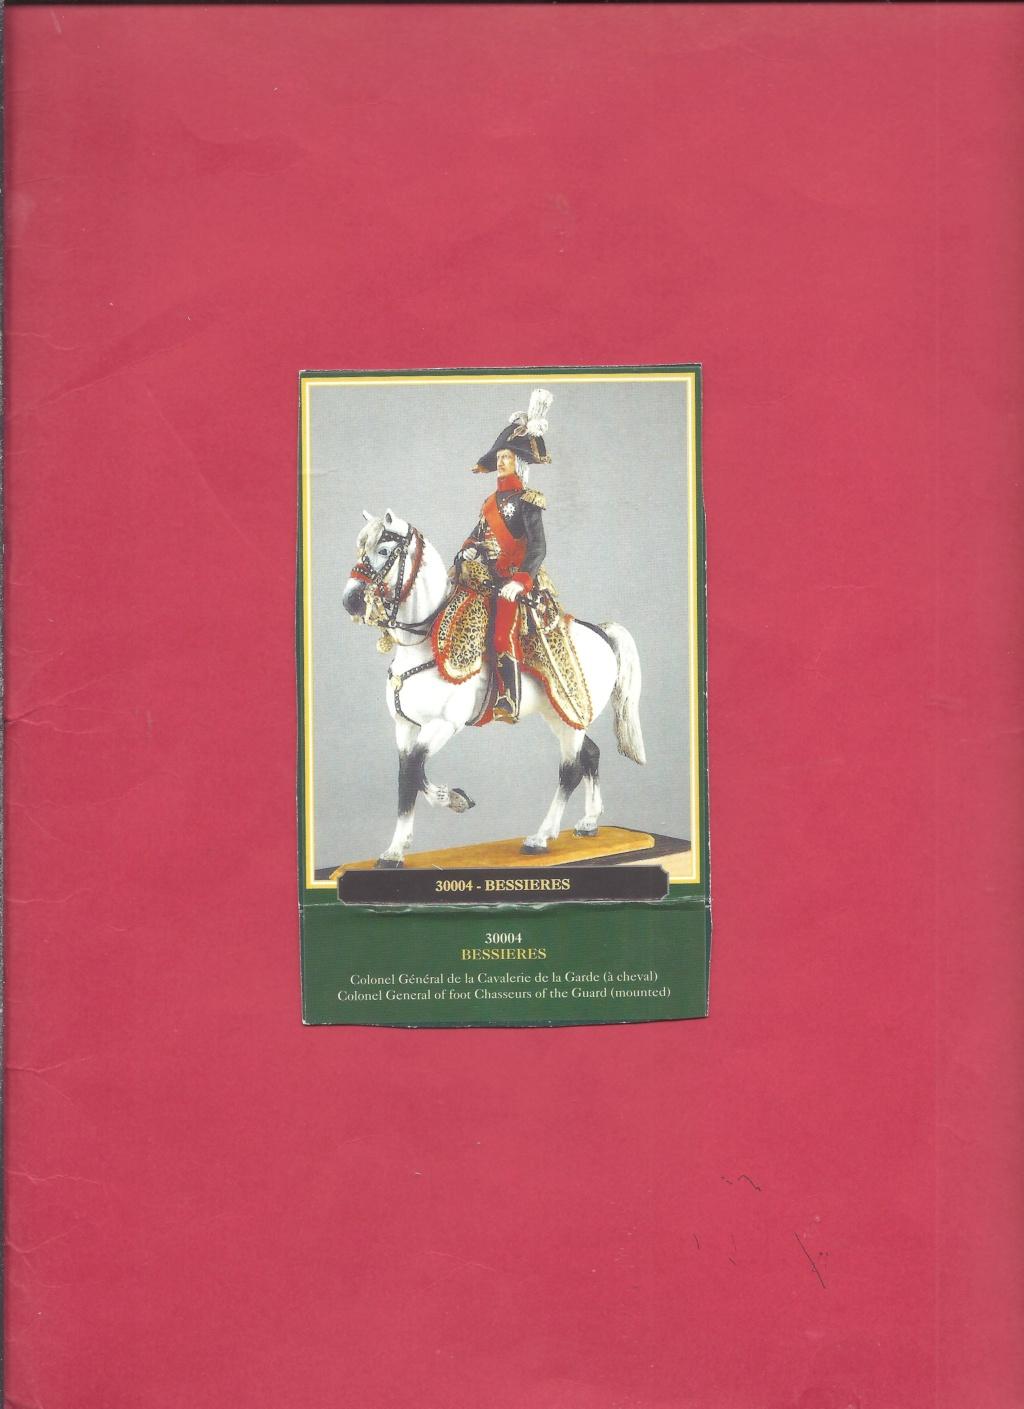 [HISTOREX] Maréchal  BESSIERES Colonel Général de la cavalerie de la Garde Impériale 1/30ème Réf 30004 Notice Histo119